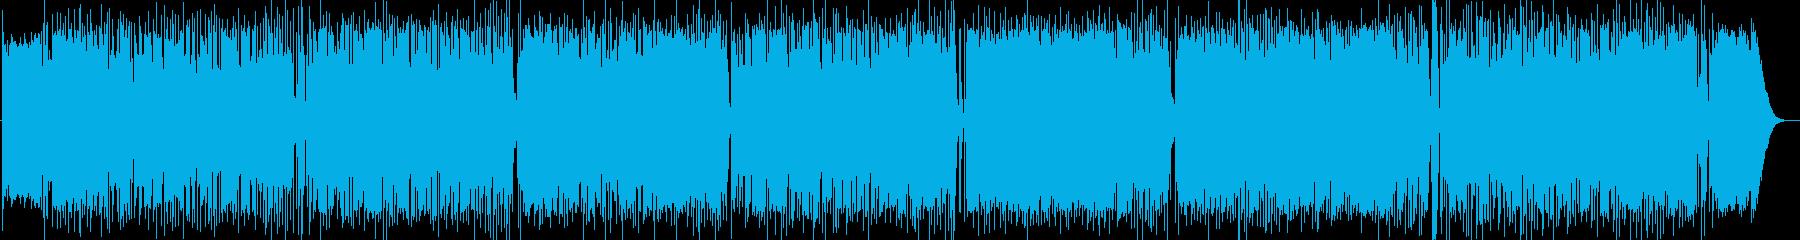 英語洋楽:初期ビートルズ映画のB面名曲風の再生済みの波形